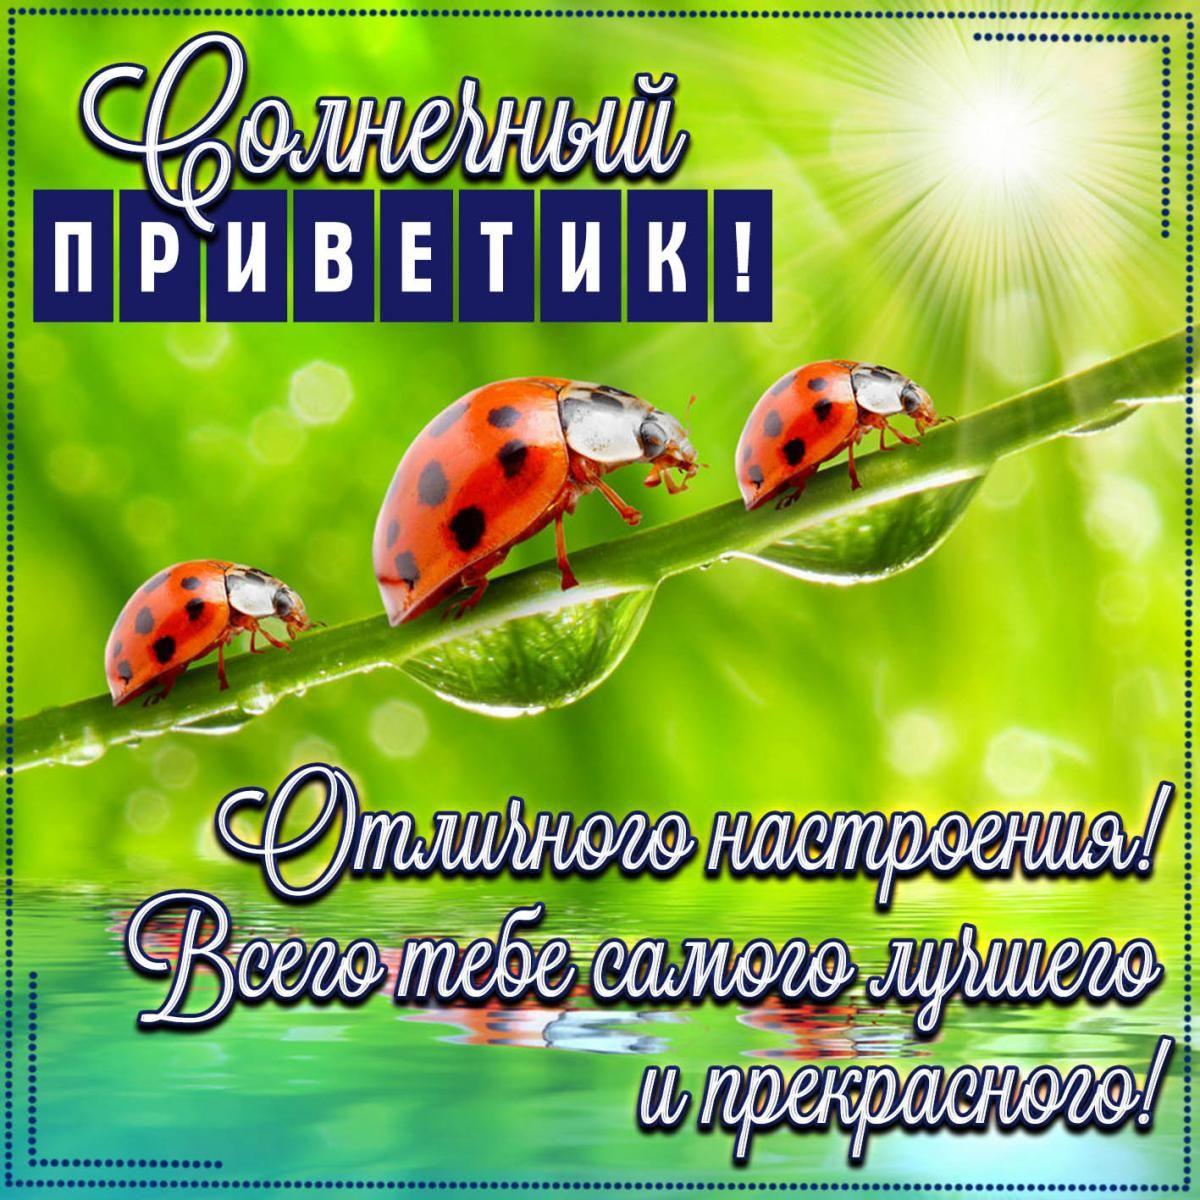 Прикольні листівки Привіт / фото fresh-cards.ru